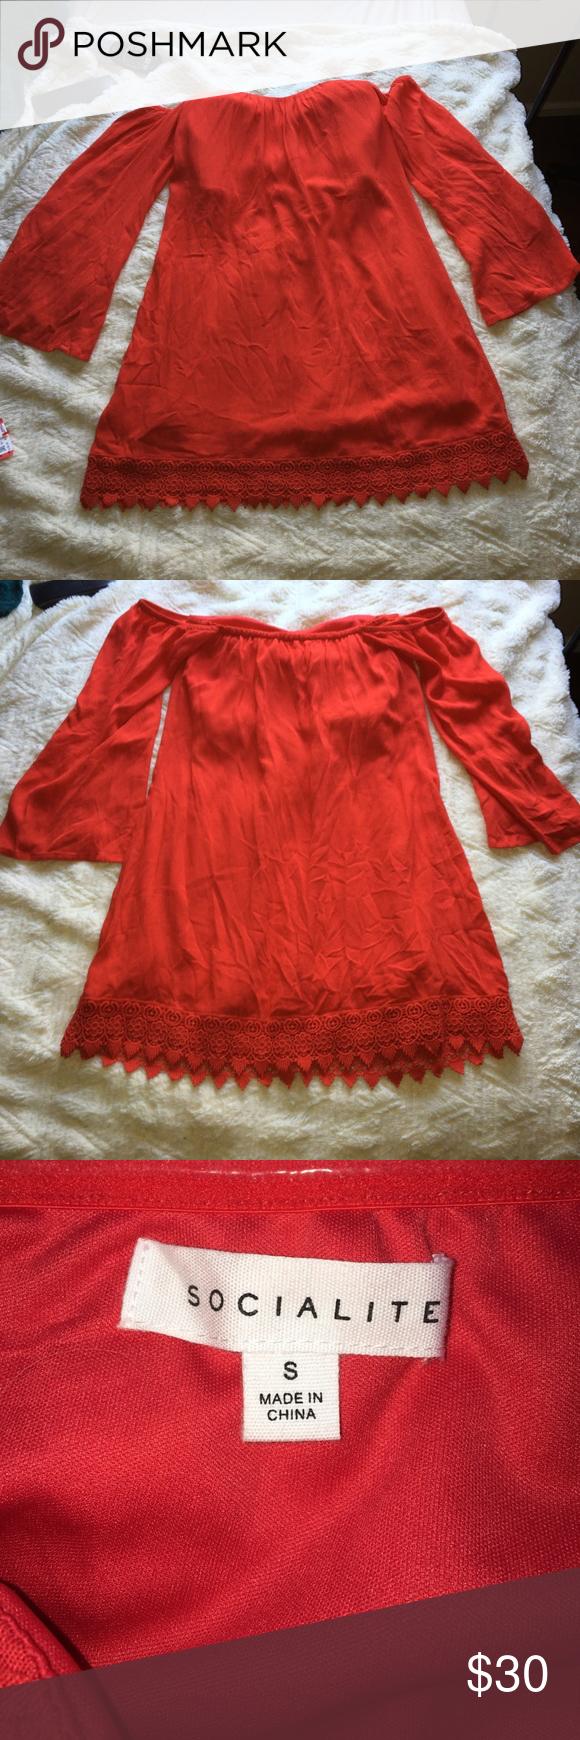 Nwot socialite red off the shoulder dress final shoulder dress